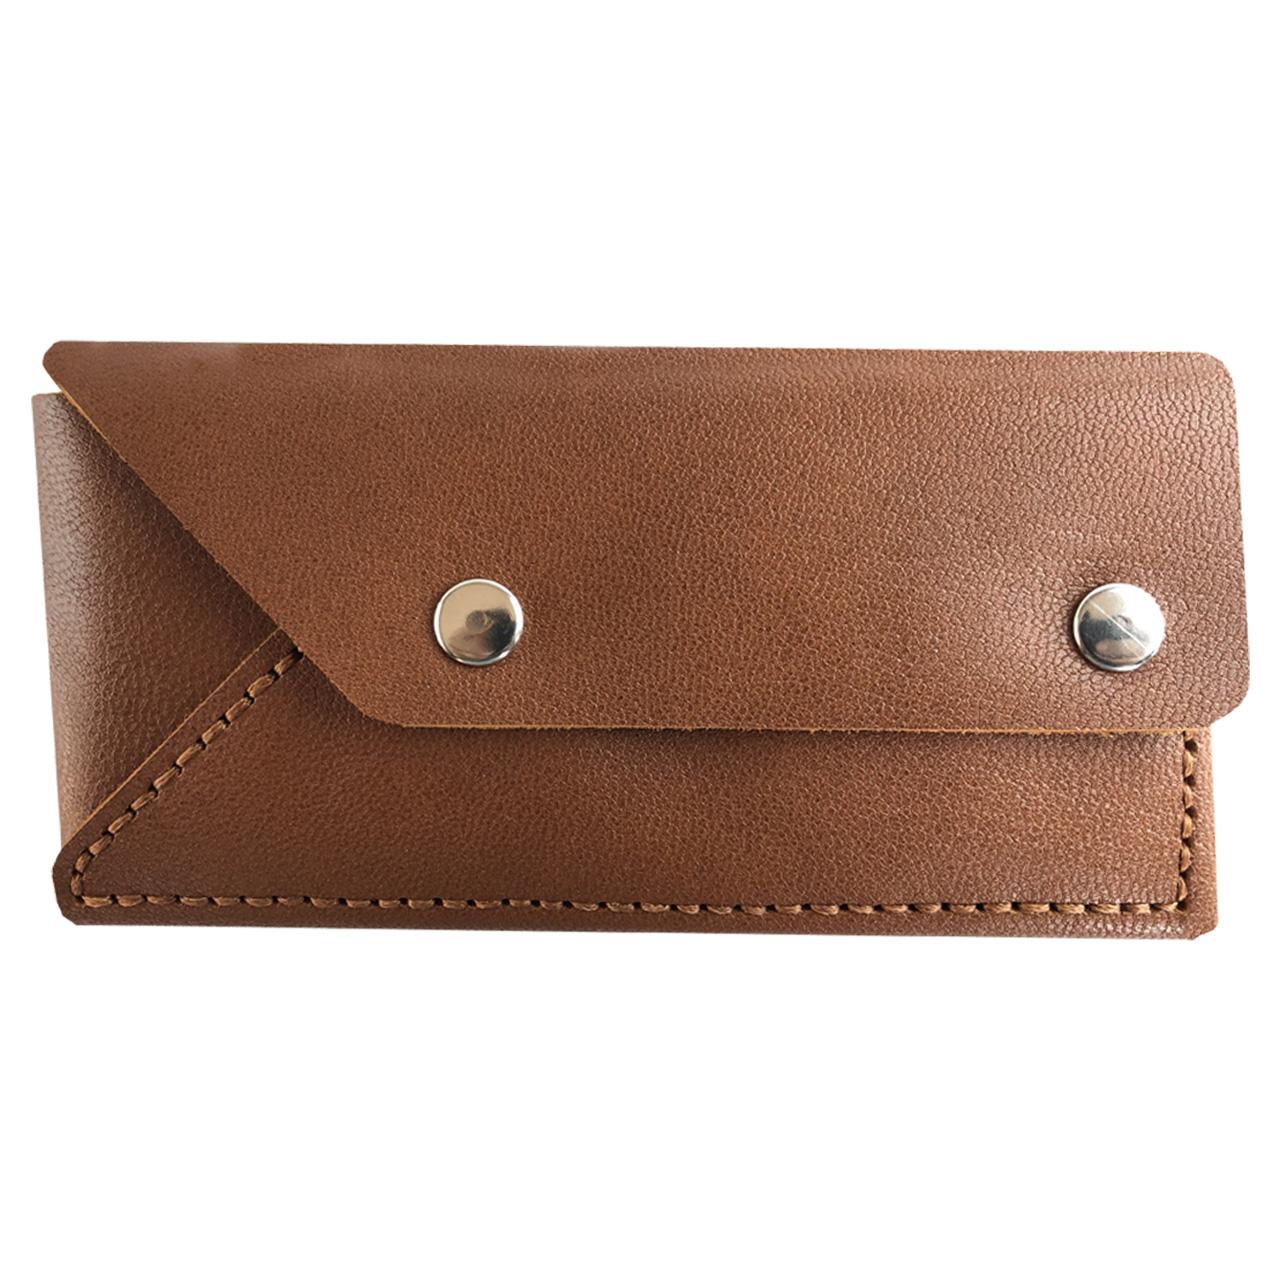 کیف پول چرم طبیعی ای دی گالری مدل P4